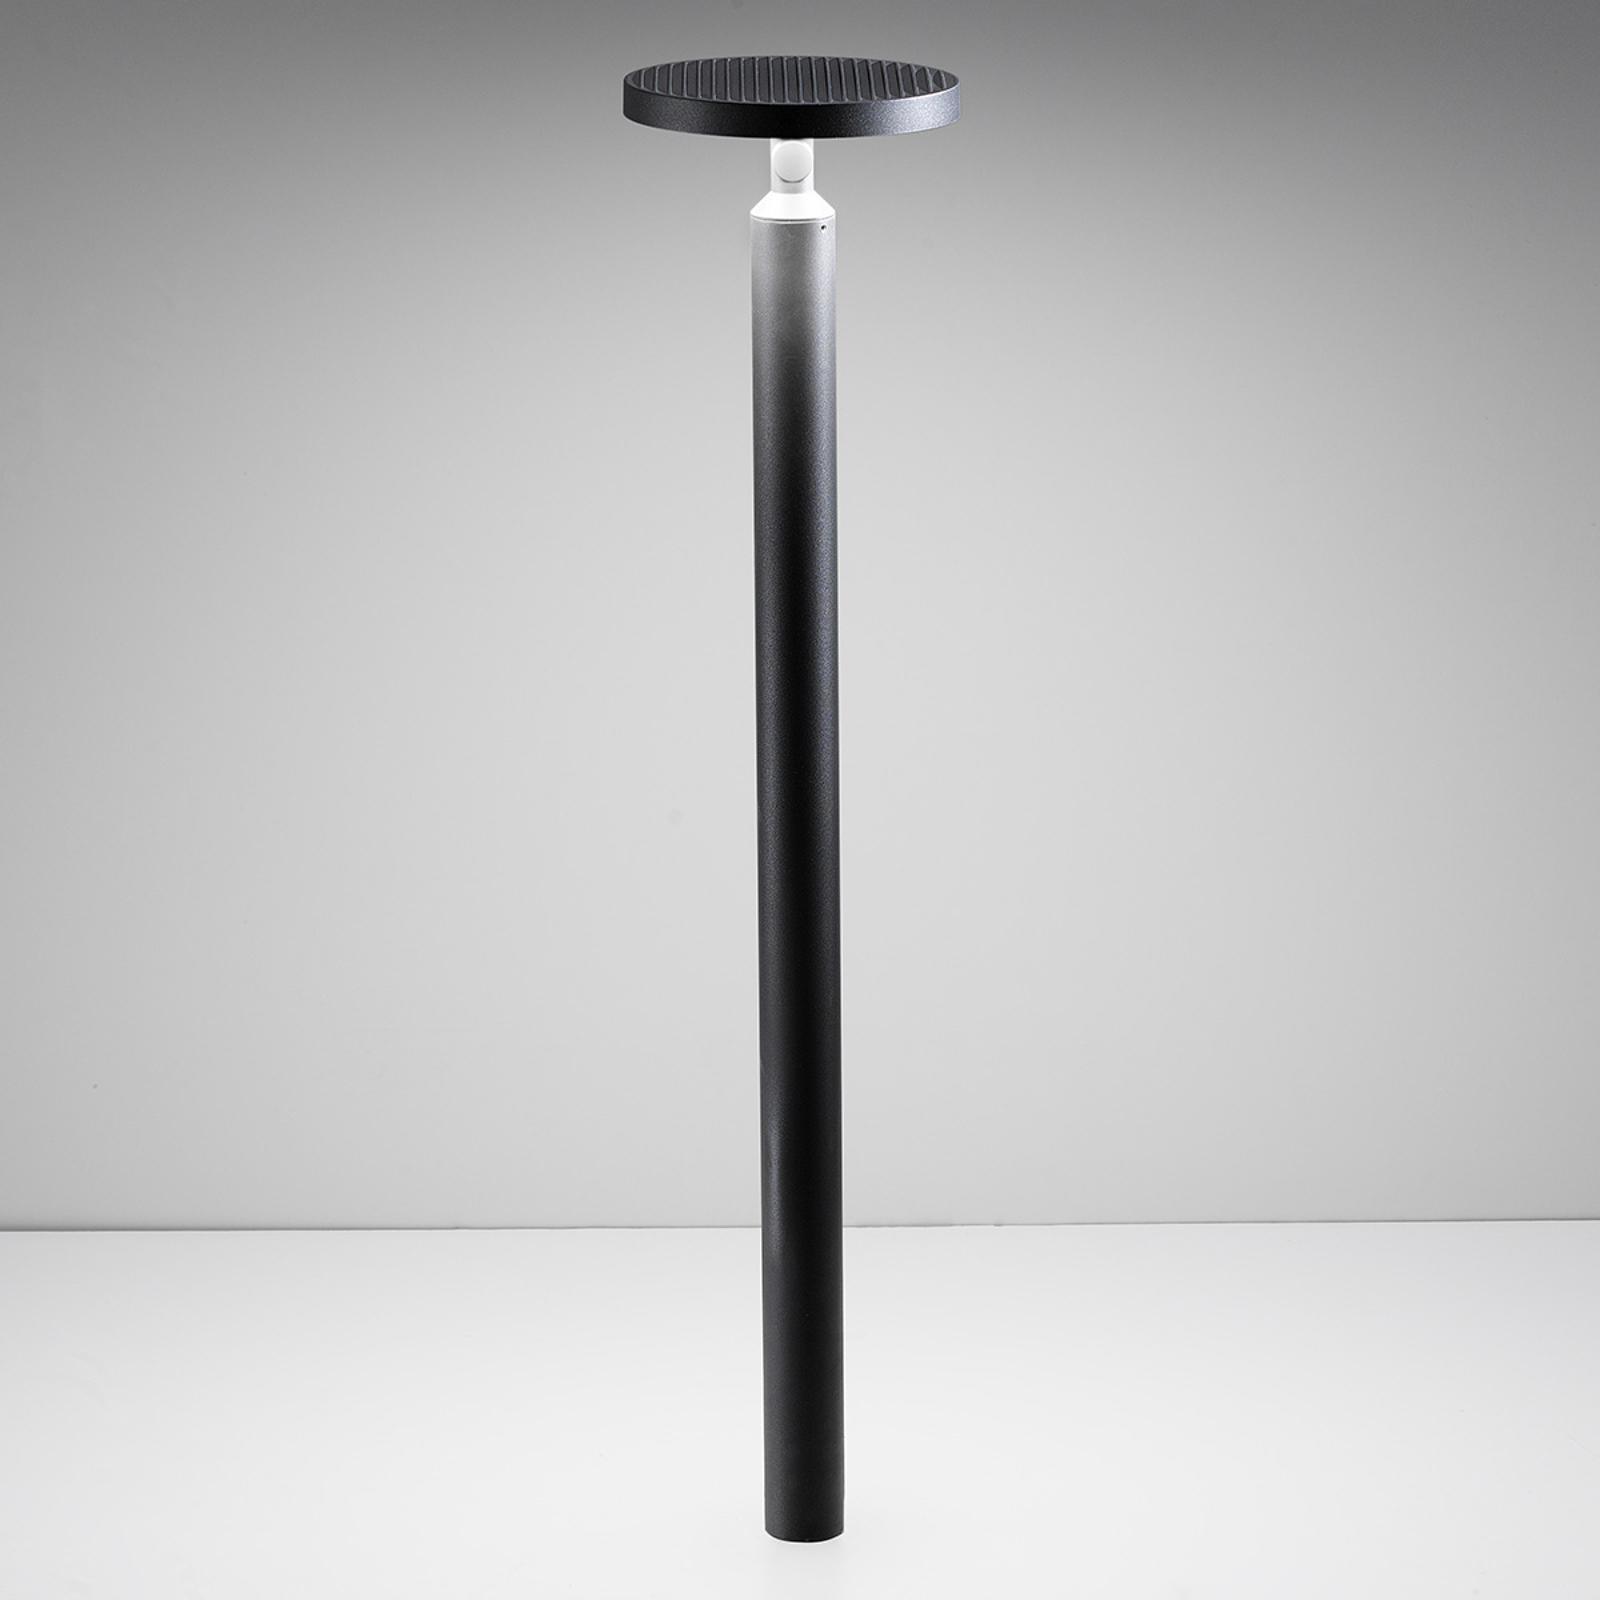 Słupek oświetleniowy LED Girasole regulowany klosz